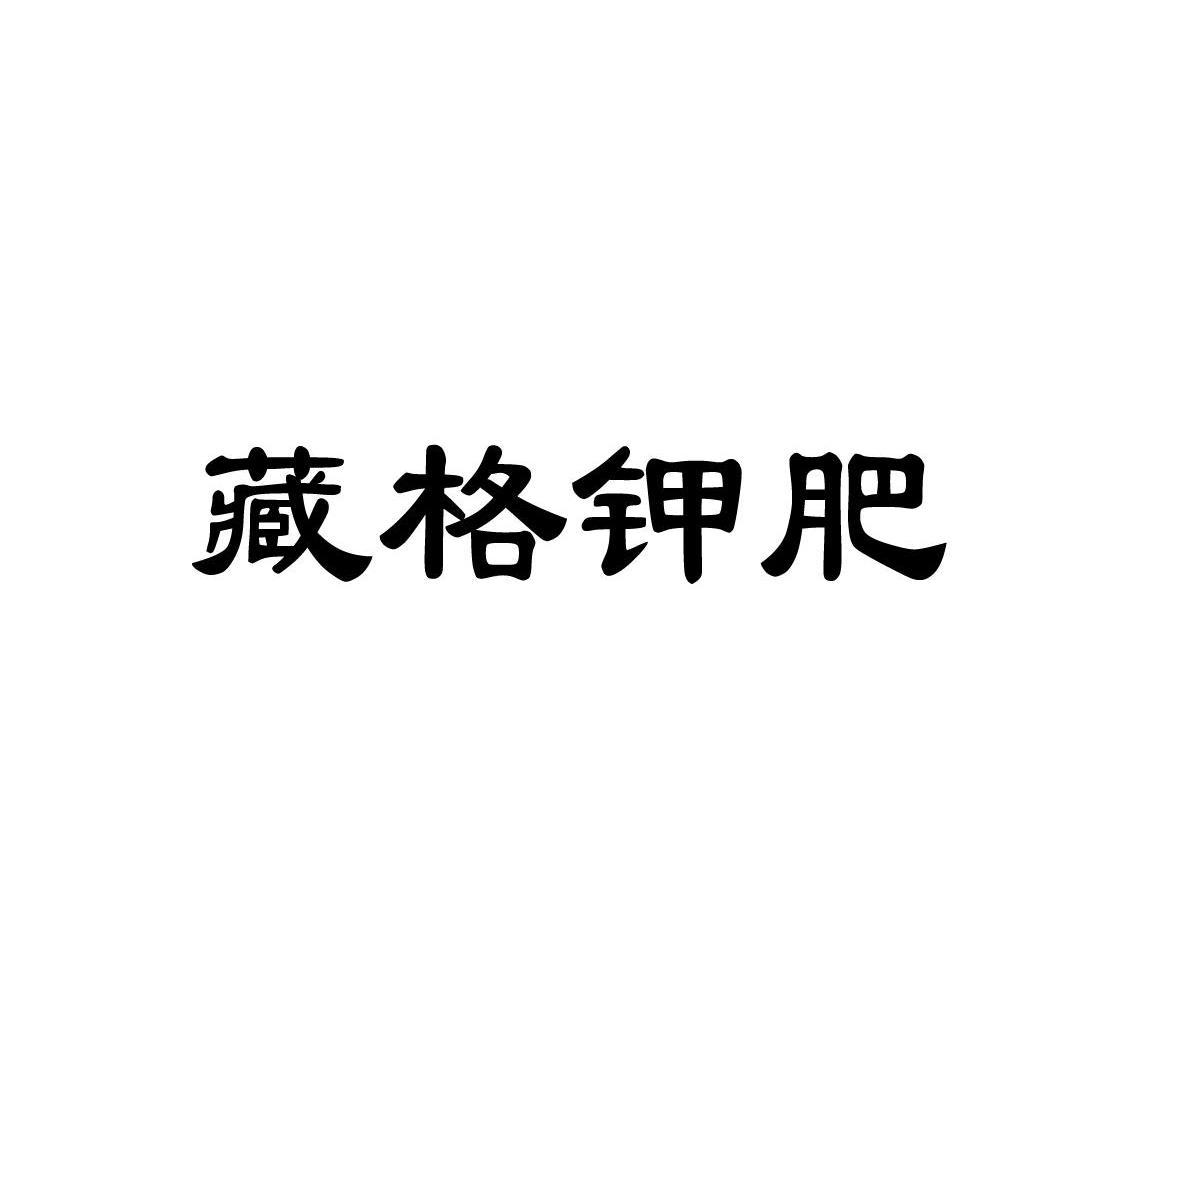 格尔木藏格钾肥股份有限公司